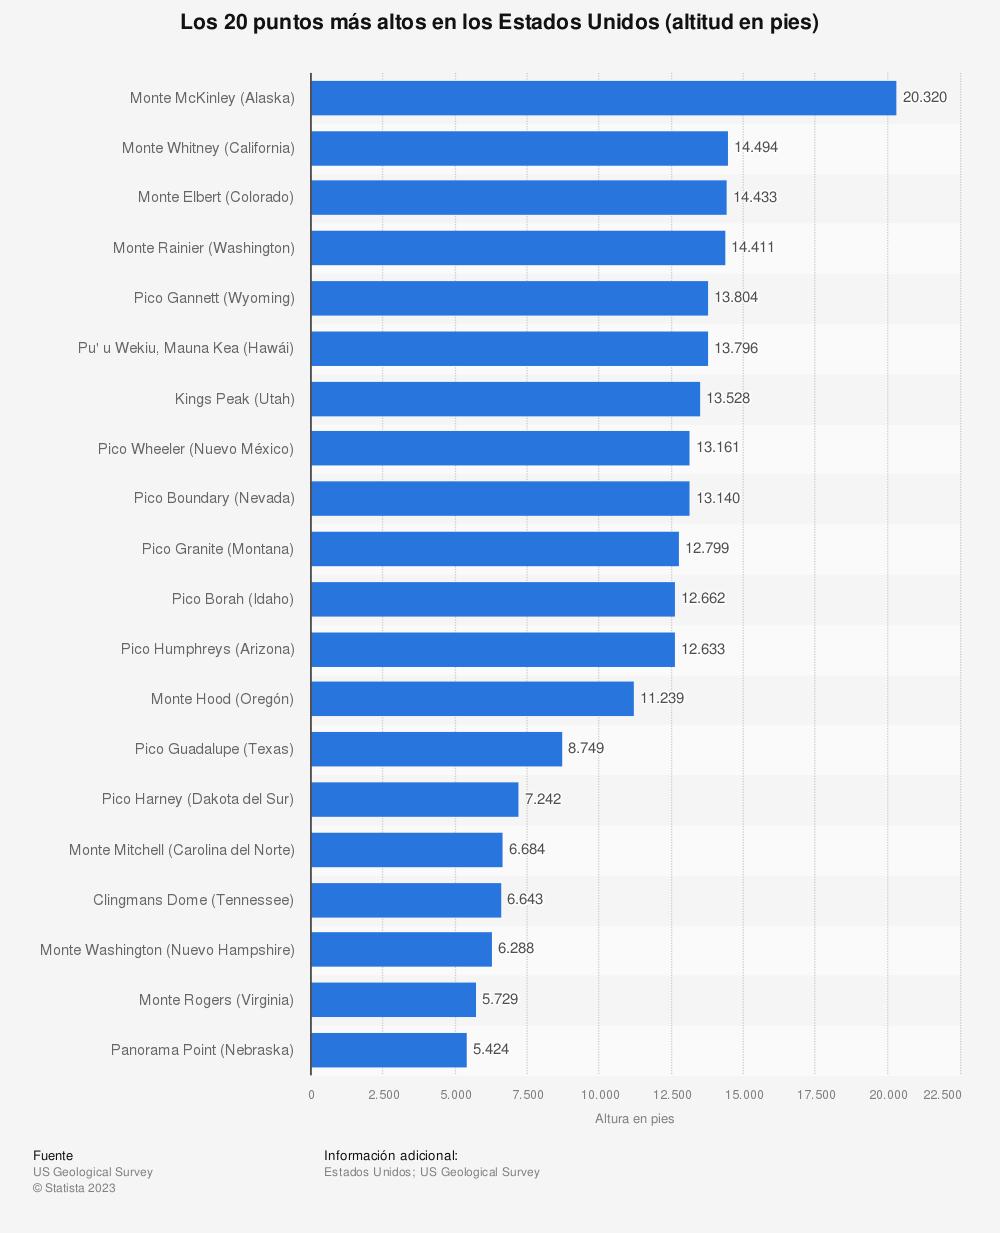 Estadística: Los 20 puntos más altos en los Estados Unidos (altitud en pies) | Statista